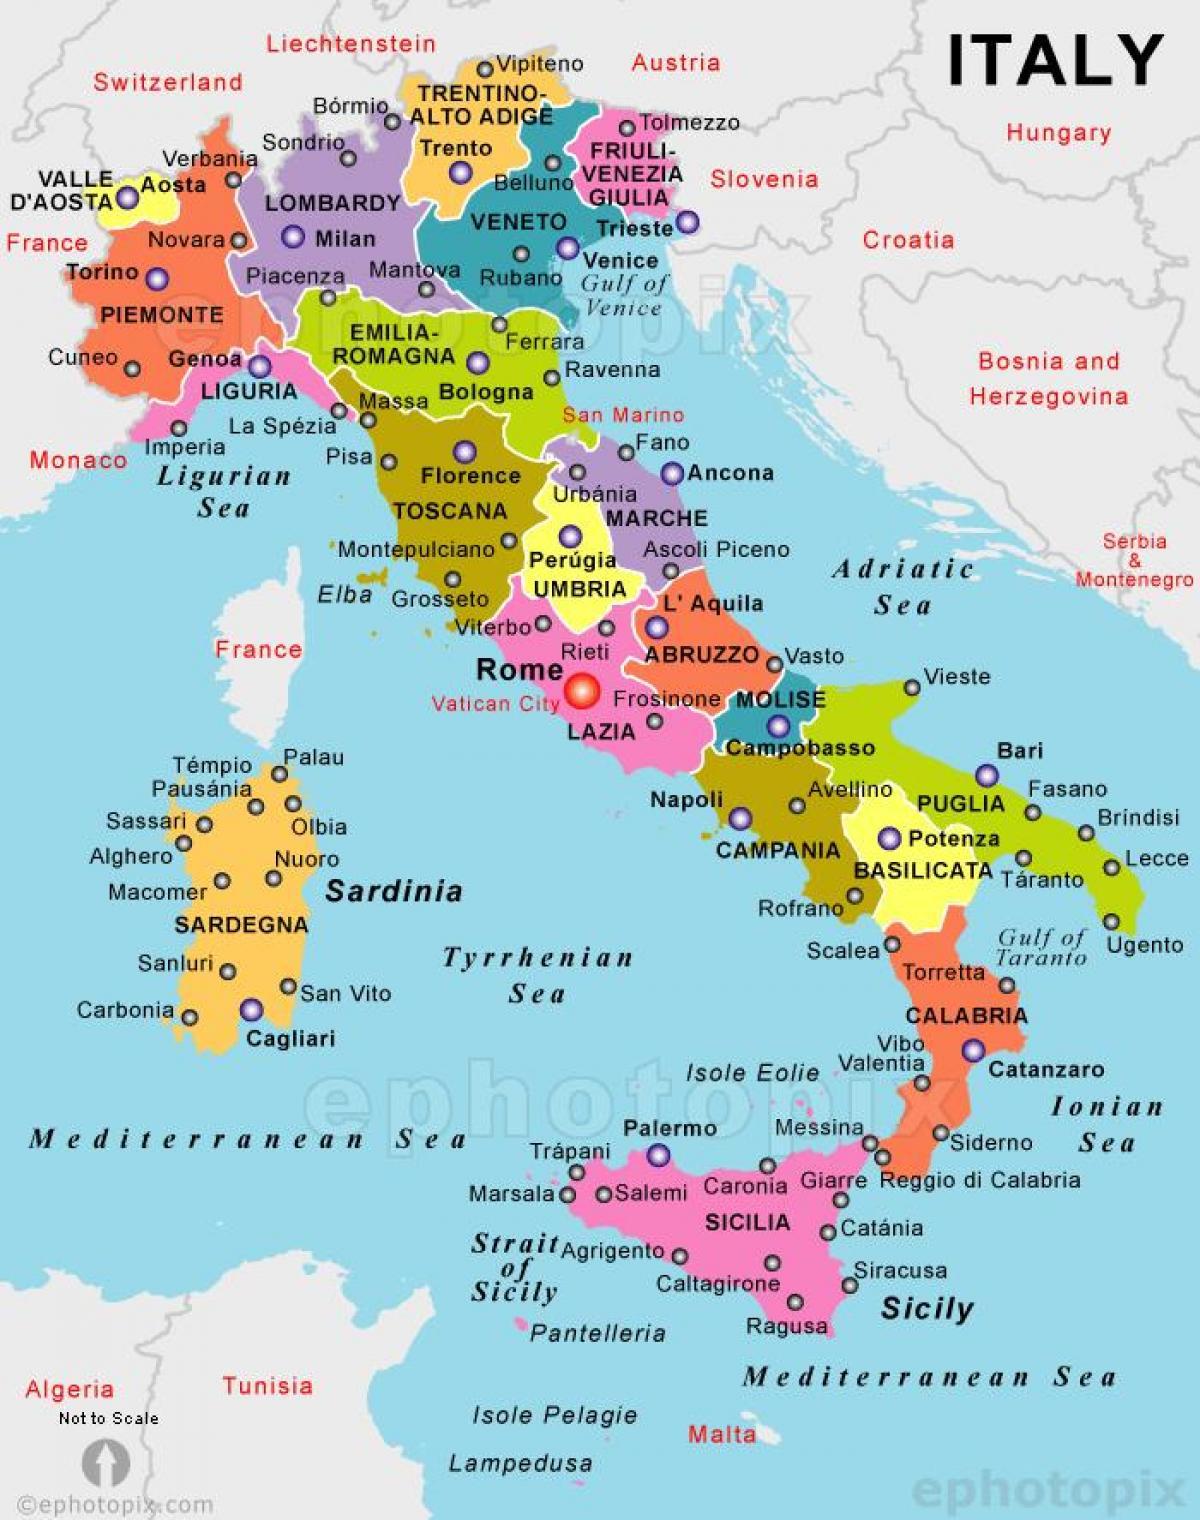 Gammal Karta Italien.Karta Over Italien Karta Over Italien For Att Skriva Ut Sodra